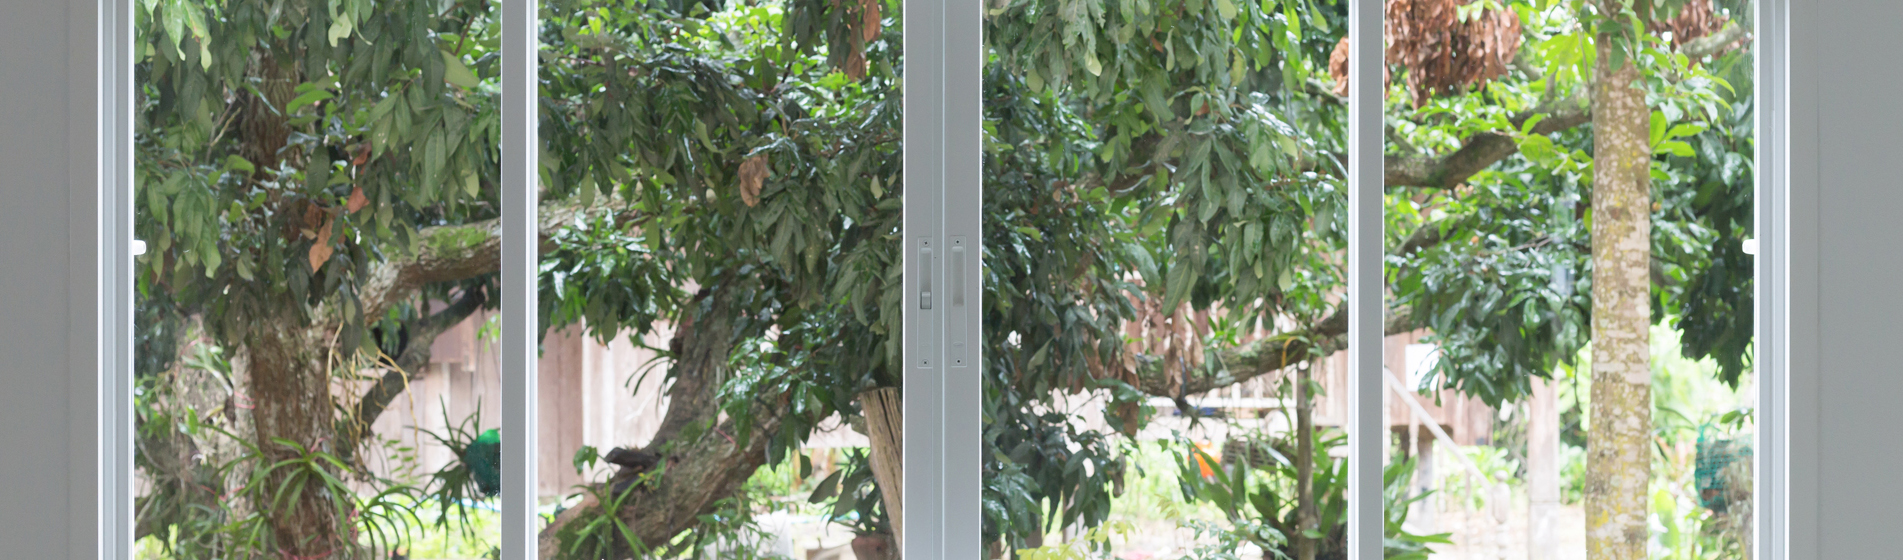 devis fenêtre 13 Bouches-du-Rhône